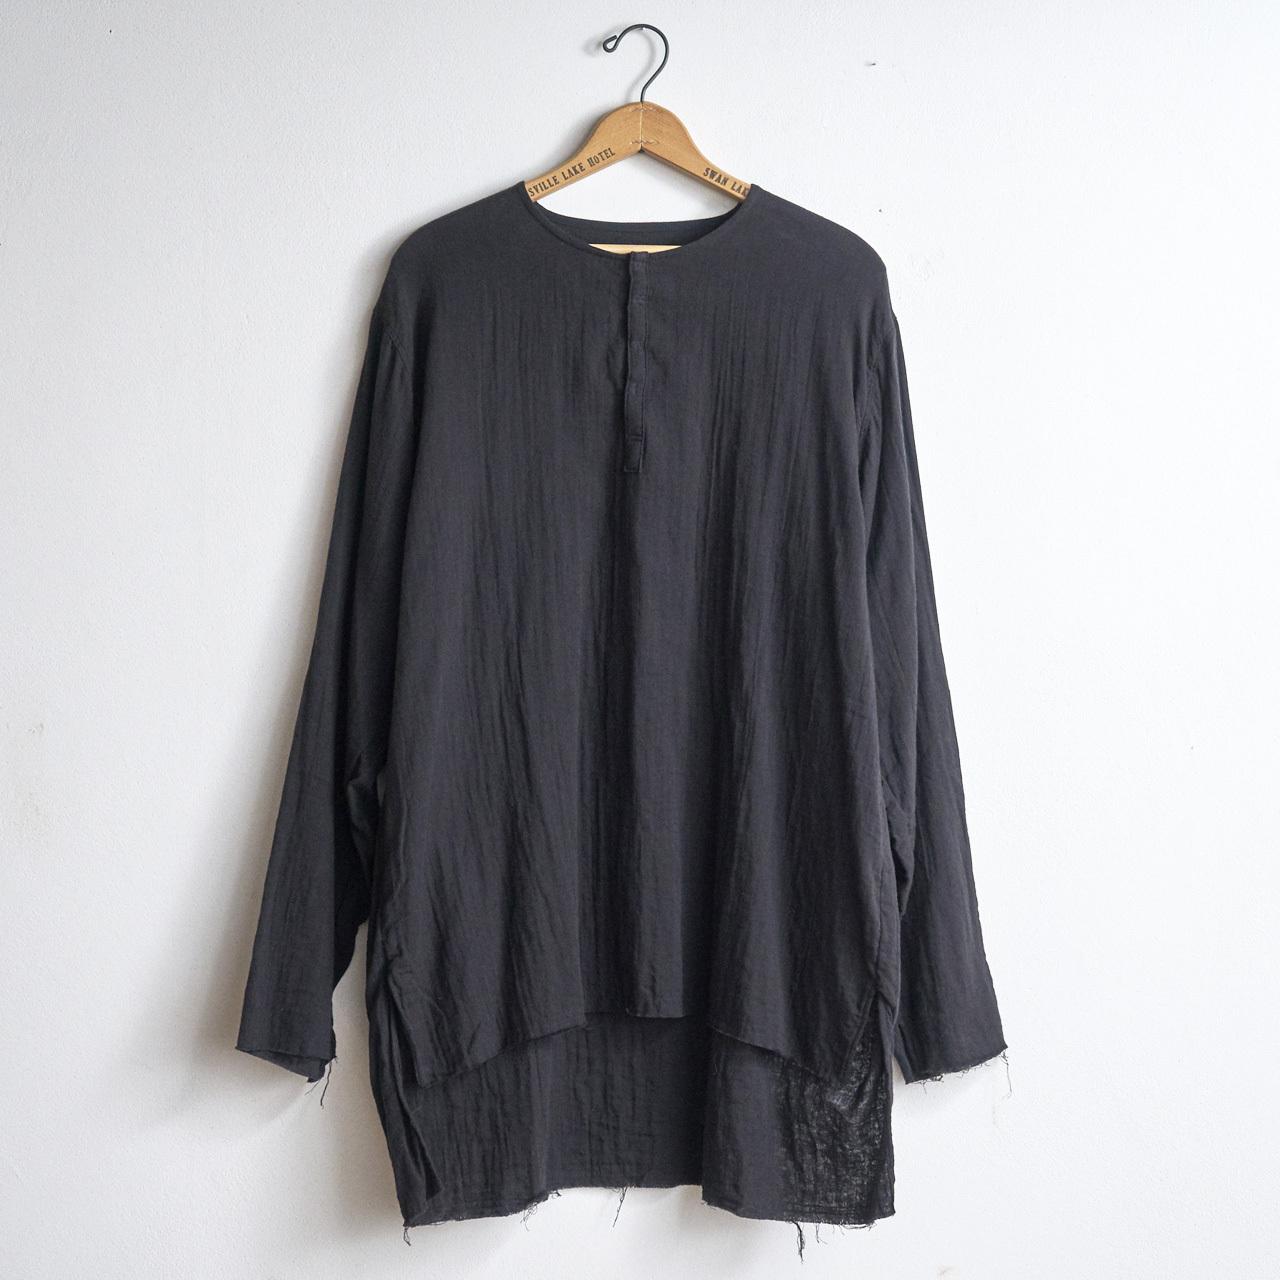 suzuki takayuki スズキタカユキ gauze shirt ガーゼシャツ black (メンズ)